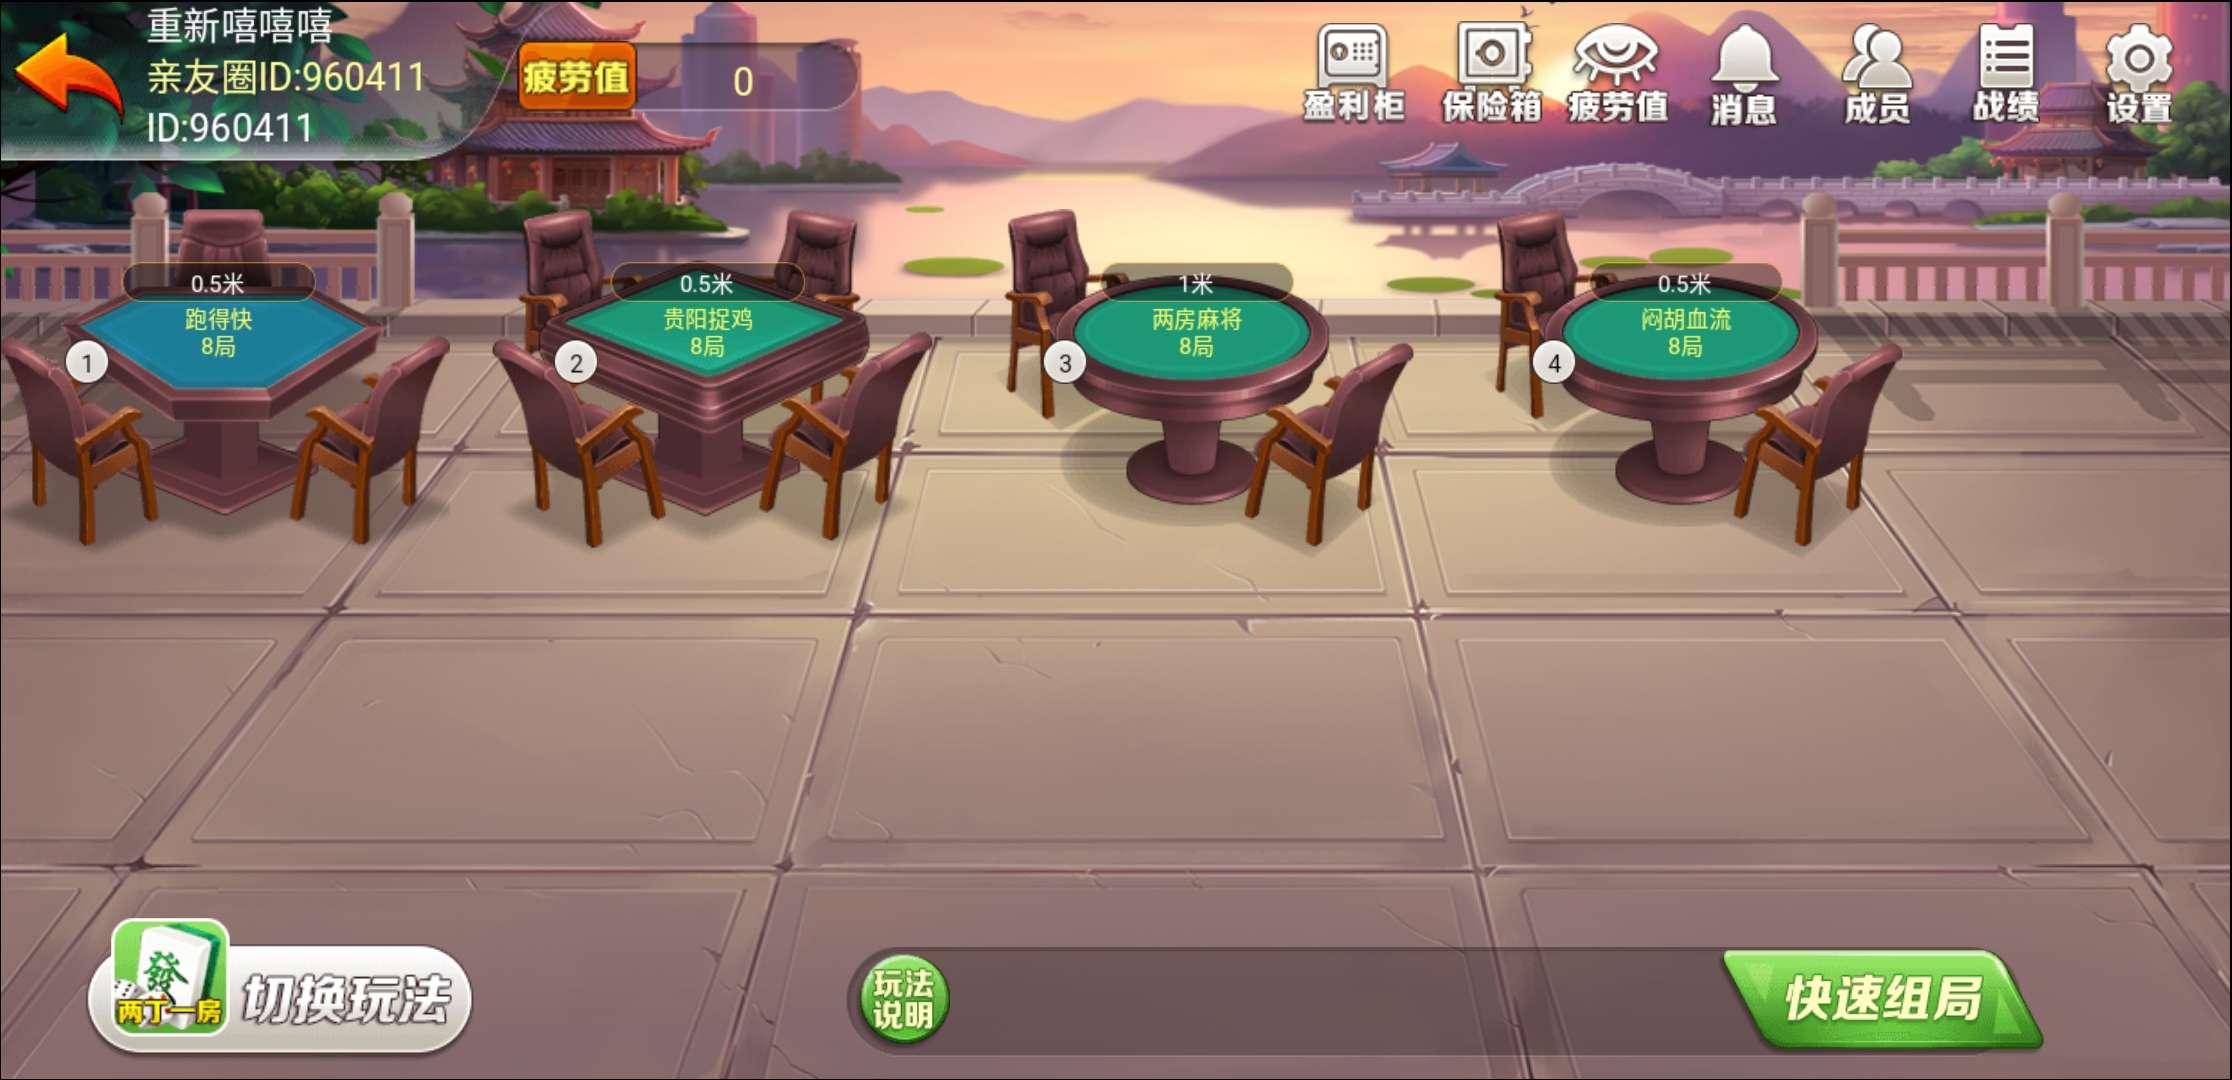 手机棋牌游戏开发,大联盟棋牌定制,大联盟模式介绍